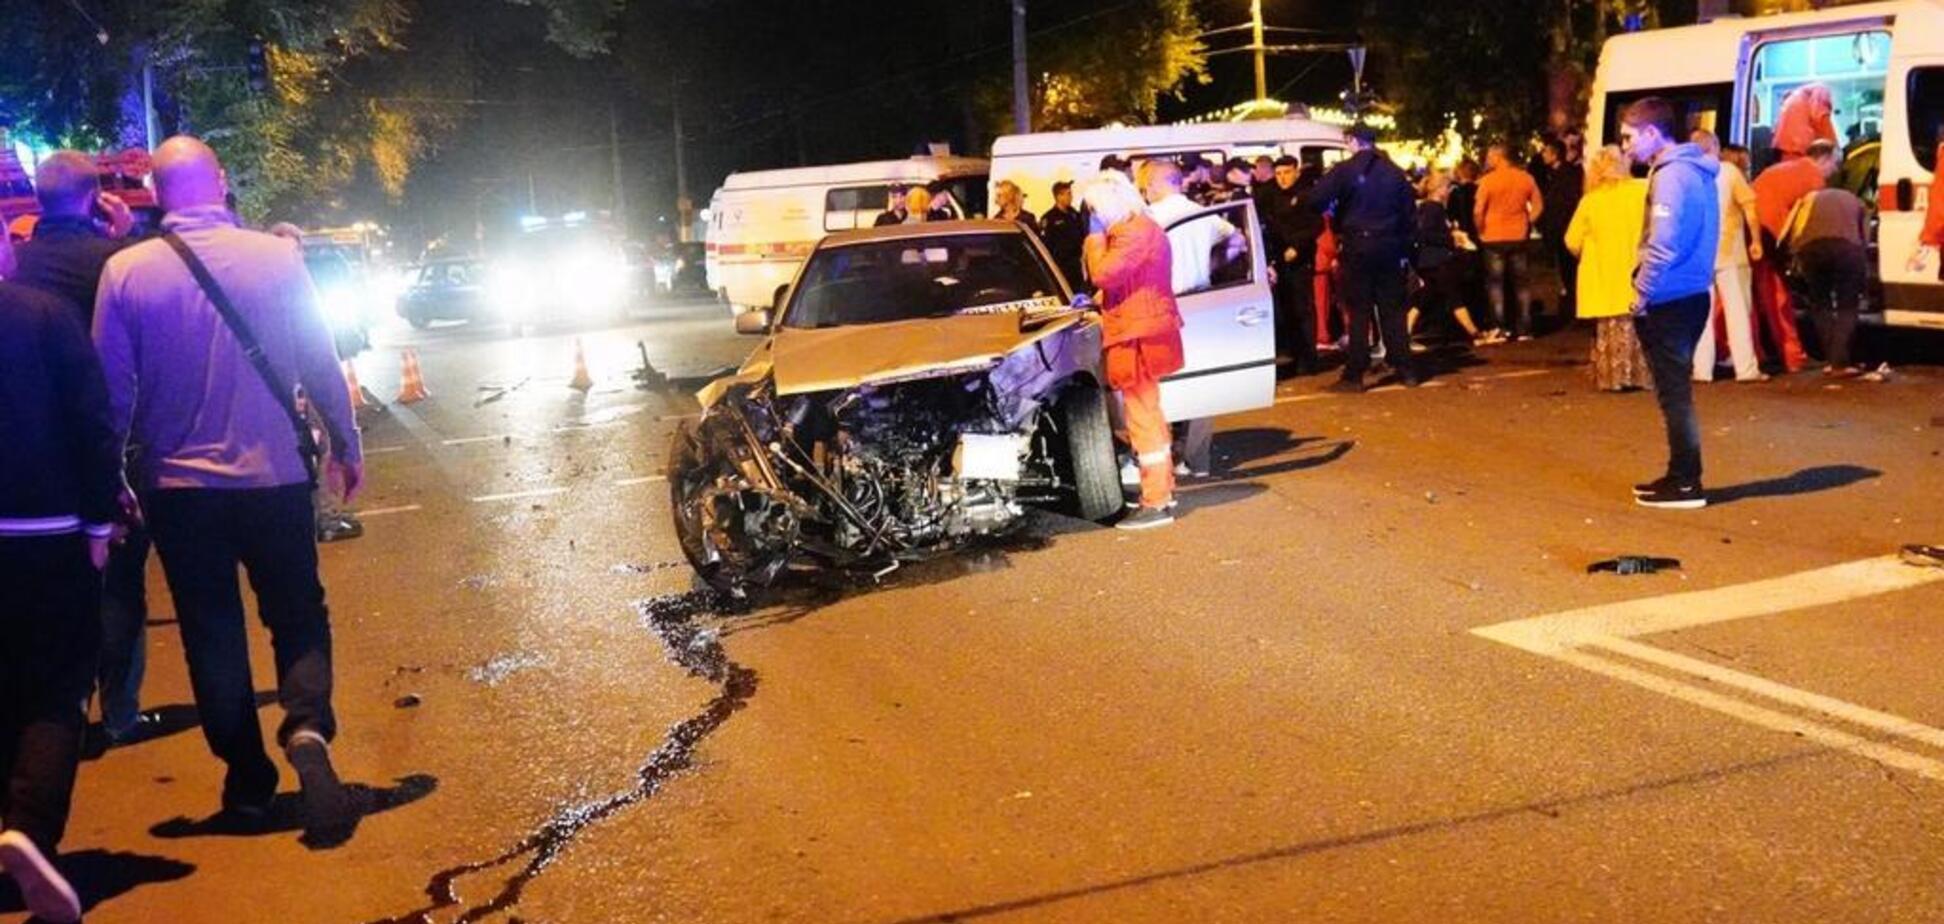 Трагедия с BMW в Одессе: момент аварии попал на видео. 18+